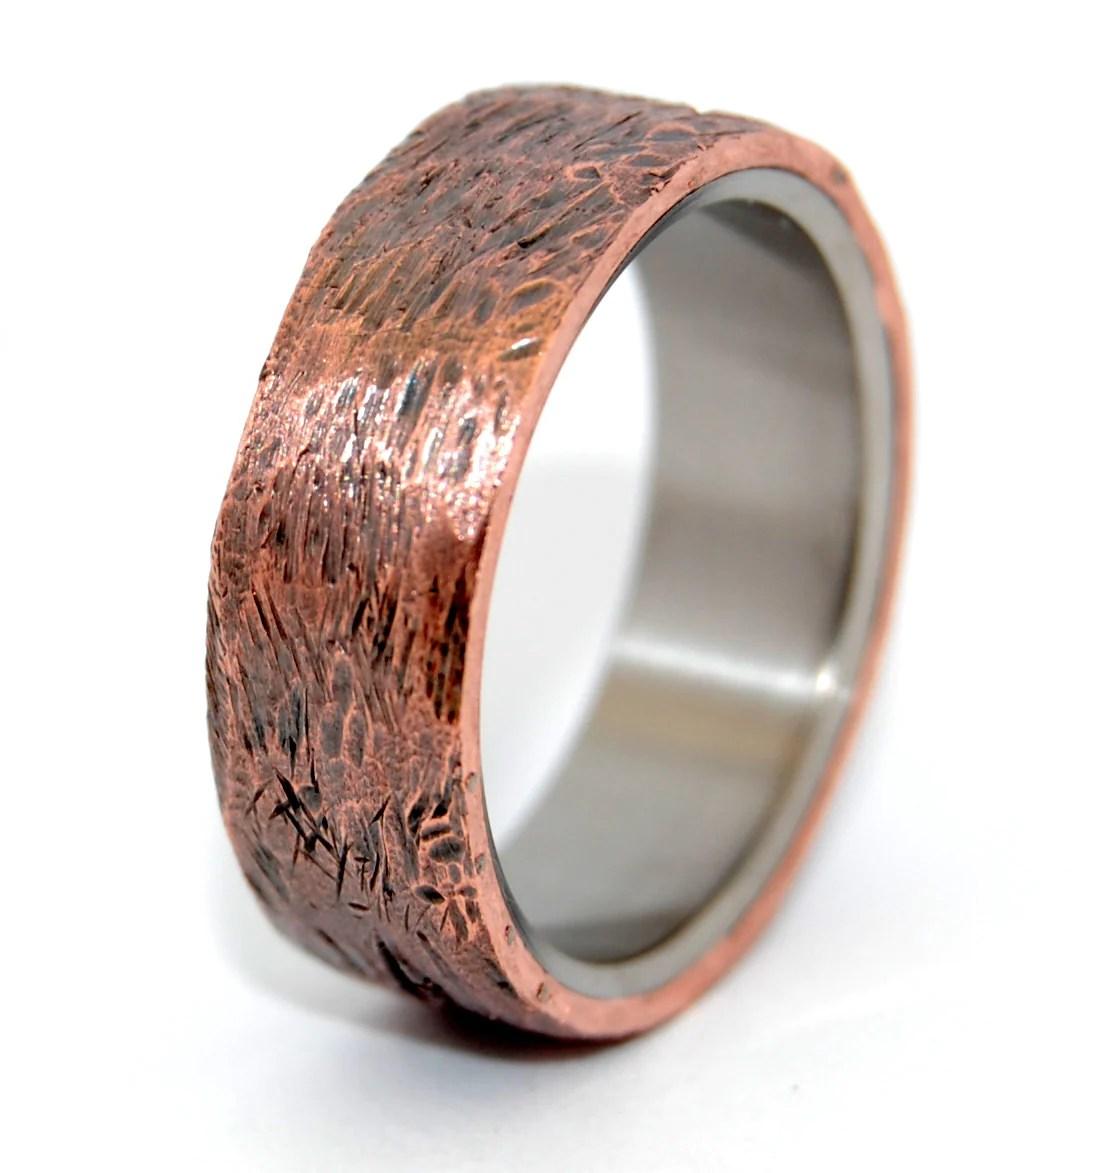 Minter  Richter  Unique Wedding Rings  Beaten Copper  Titanium Rings  Minter  Richter